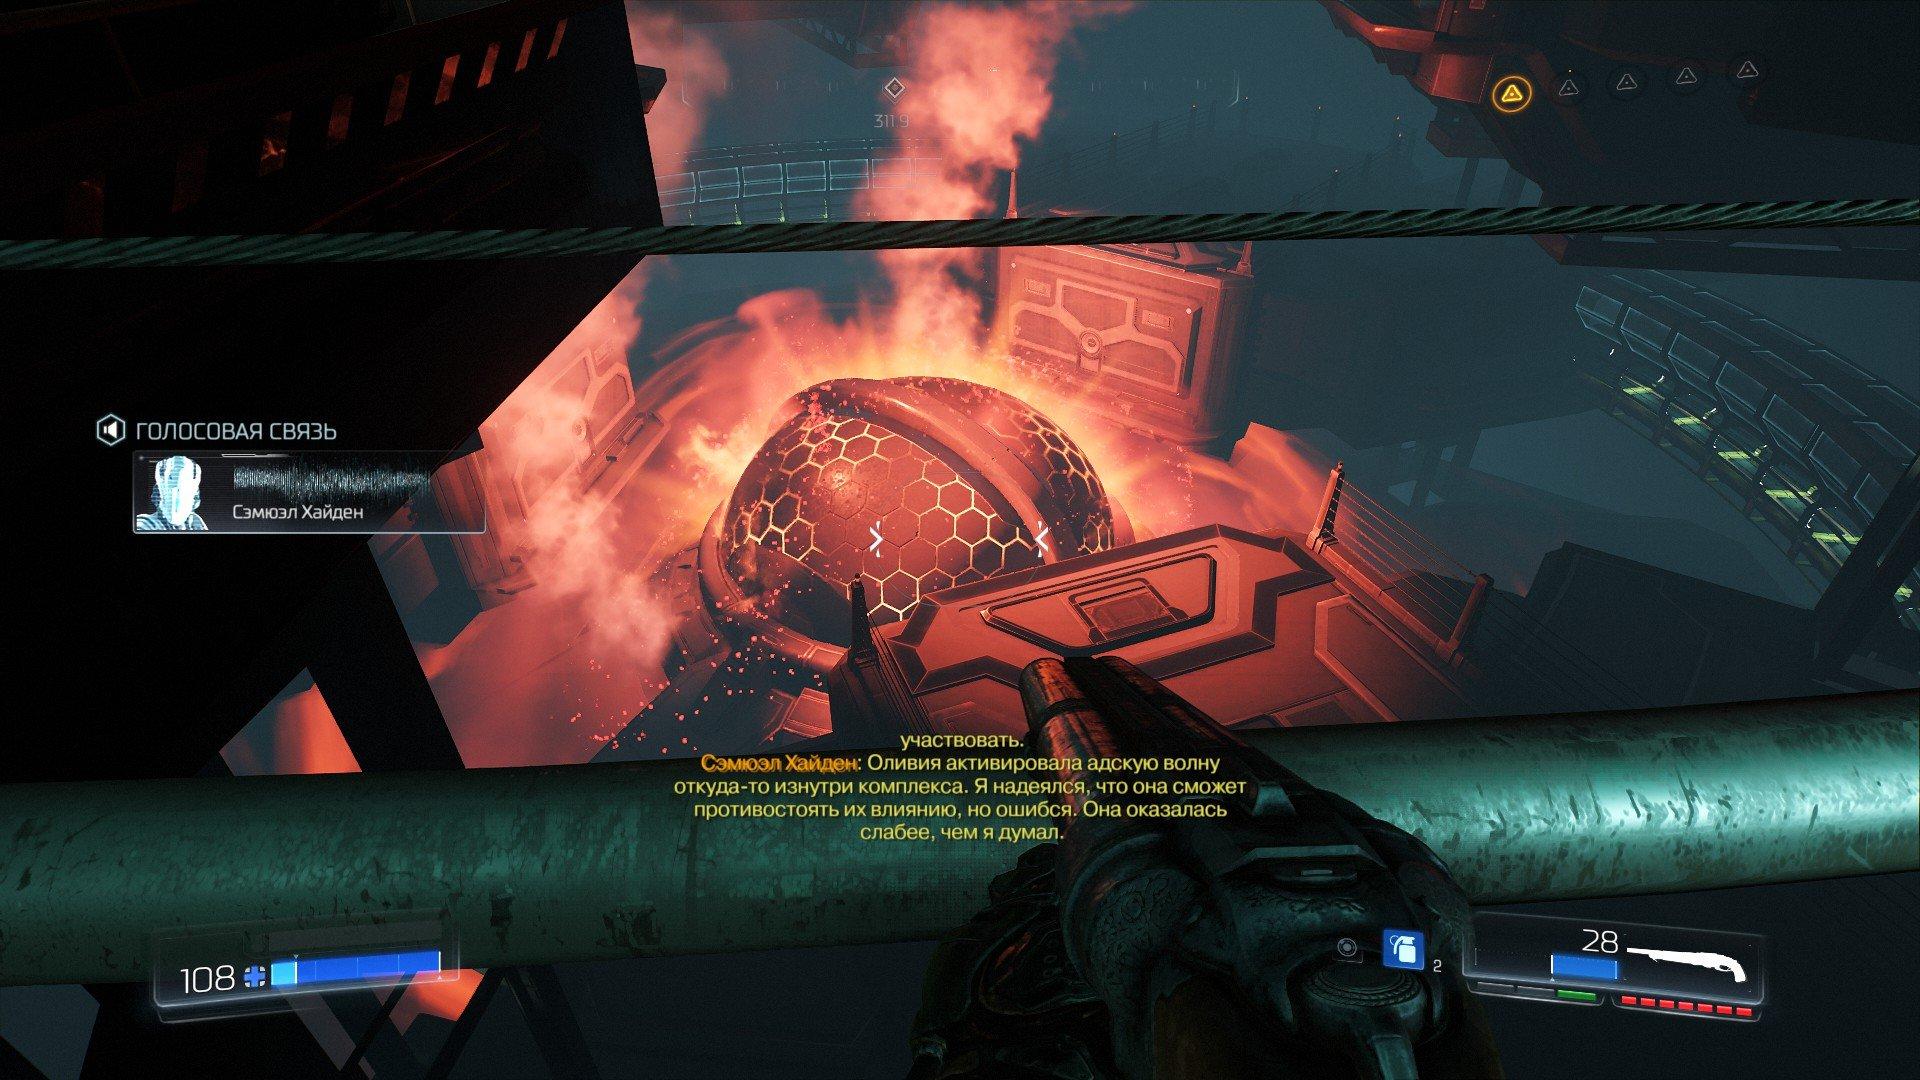 Вопль-прохождение Doom ... Позитивный и развеселый - Изображение 26